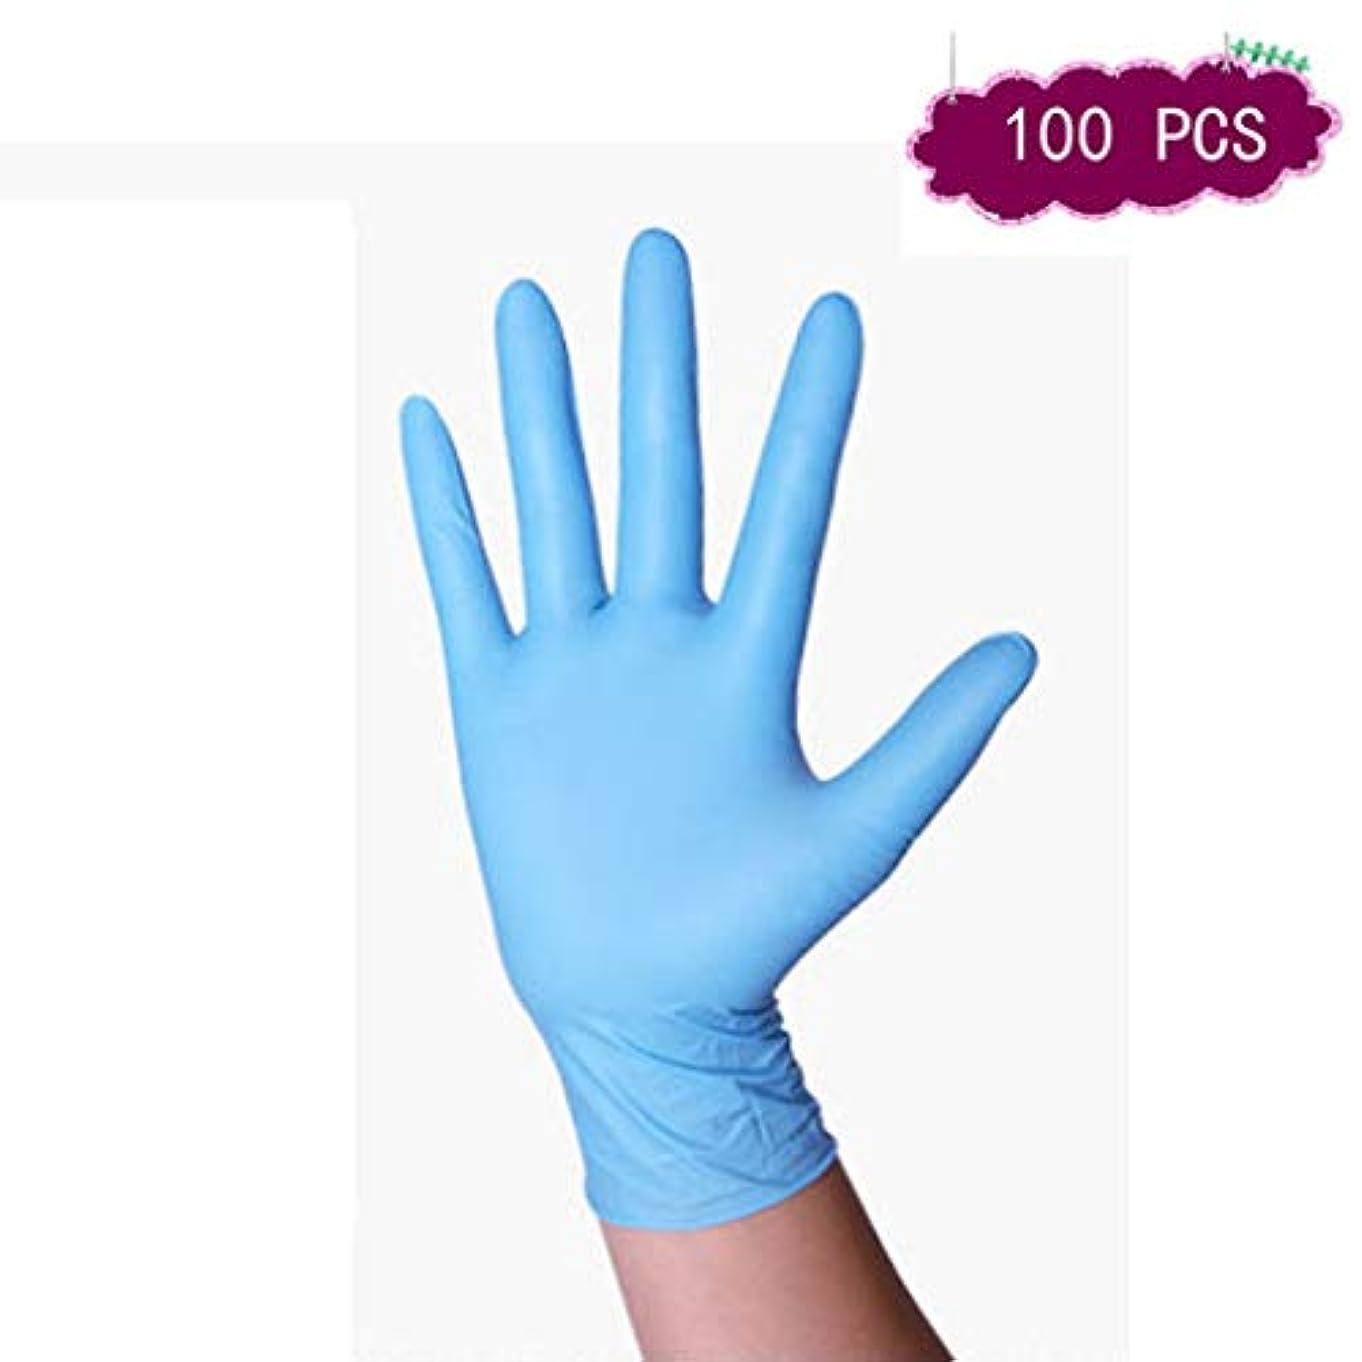 賛美歌手紙を書くギャンブル使い捨てラテックス手袋ニトリルパウダーフリーの耐久性のある青の保護食品研究所のスキッド手袋なしパウダー (Color : 9 inch, Size : L)